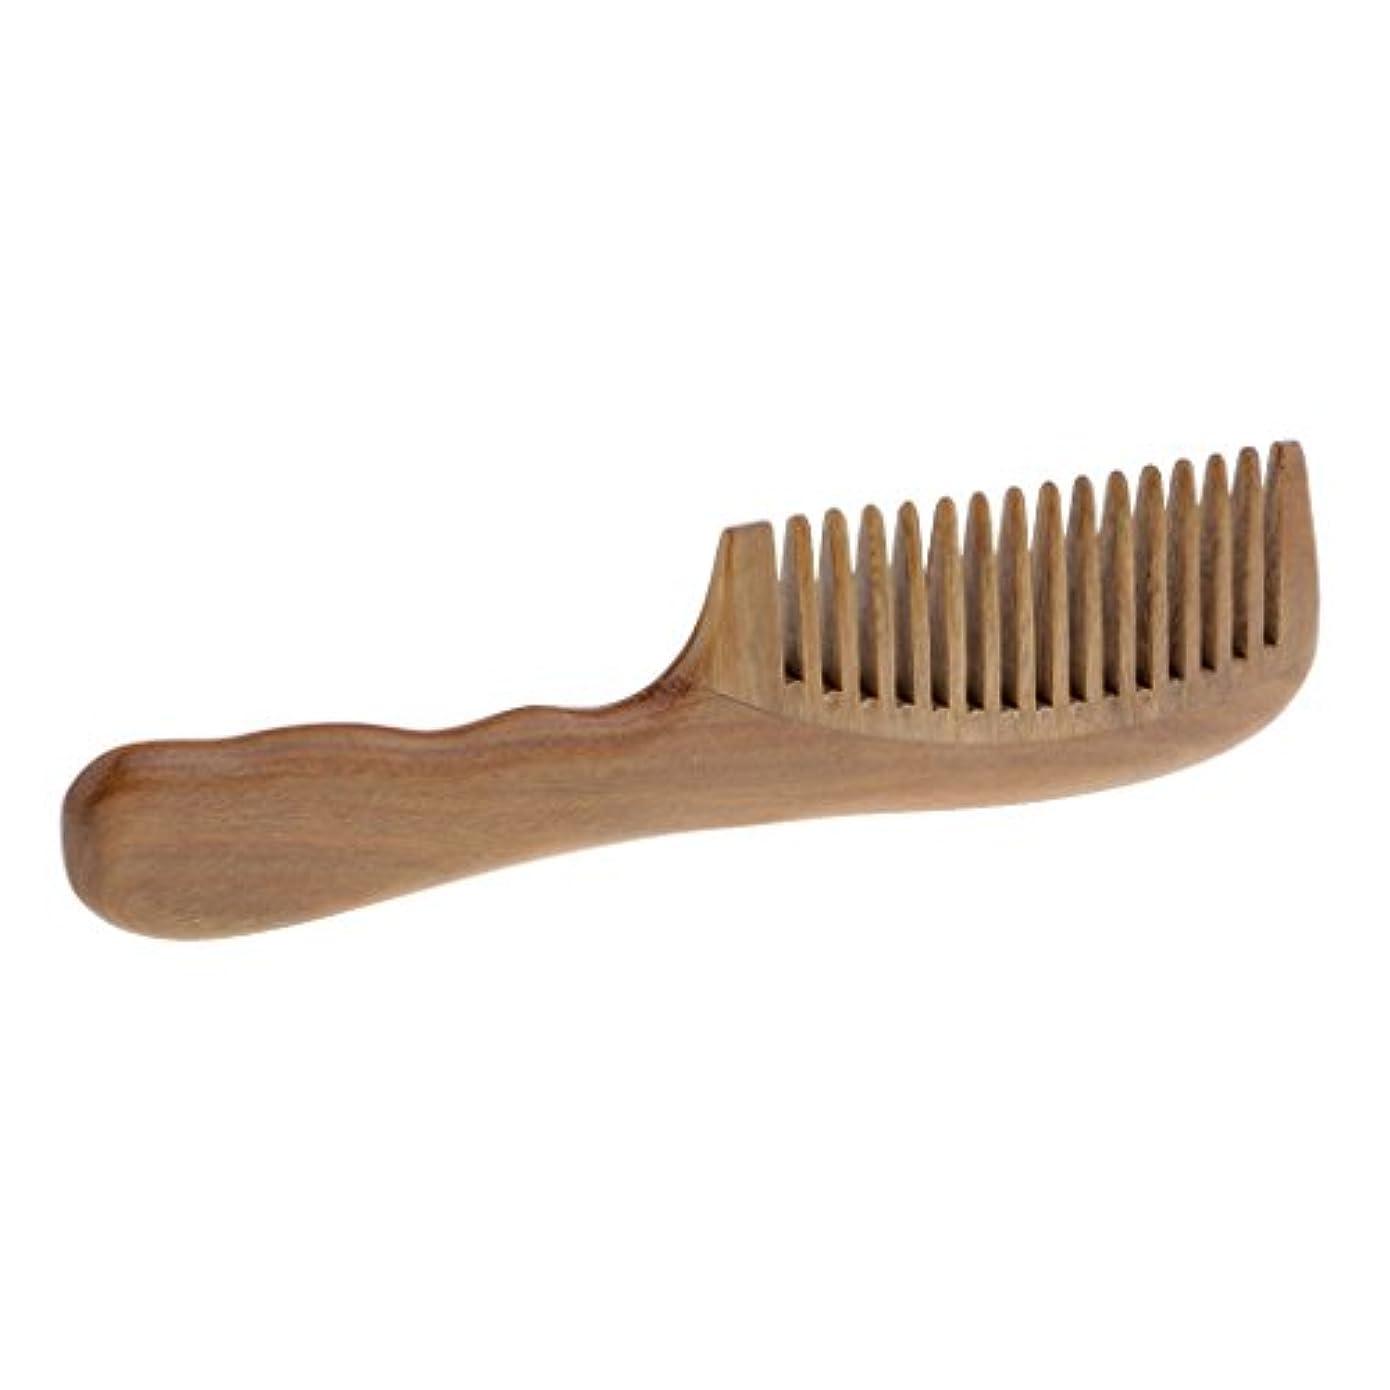 土砂降り深さブートKesoto ウッドコーム サンダルウッド 櫛 頭皮マッサージ 木製櫛 帯電防止 2タイプ選べる - 広い歯